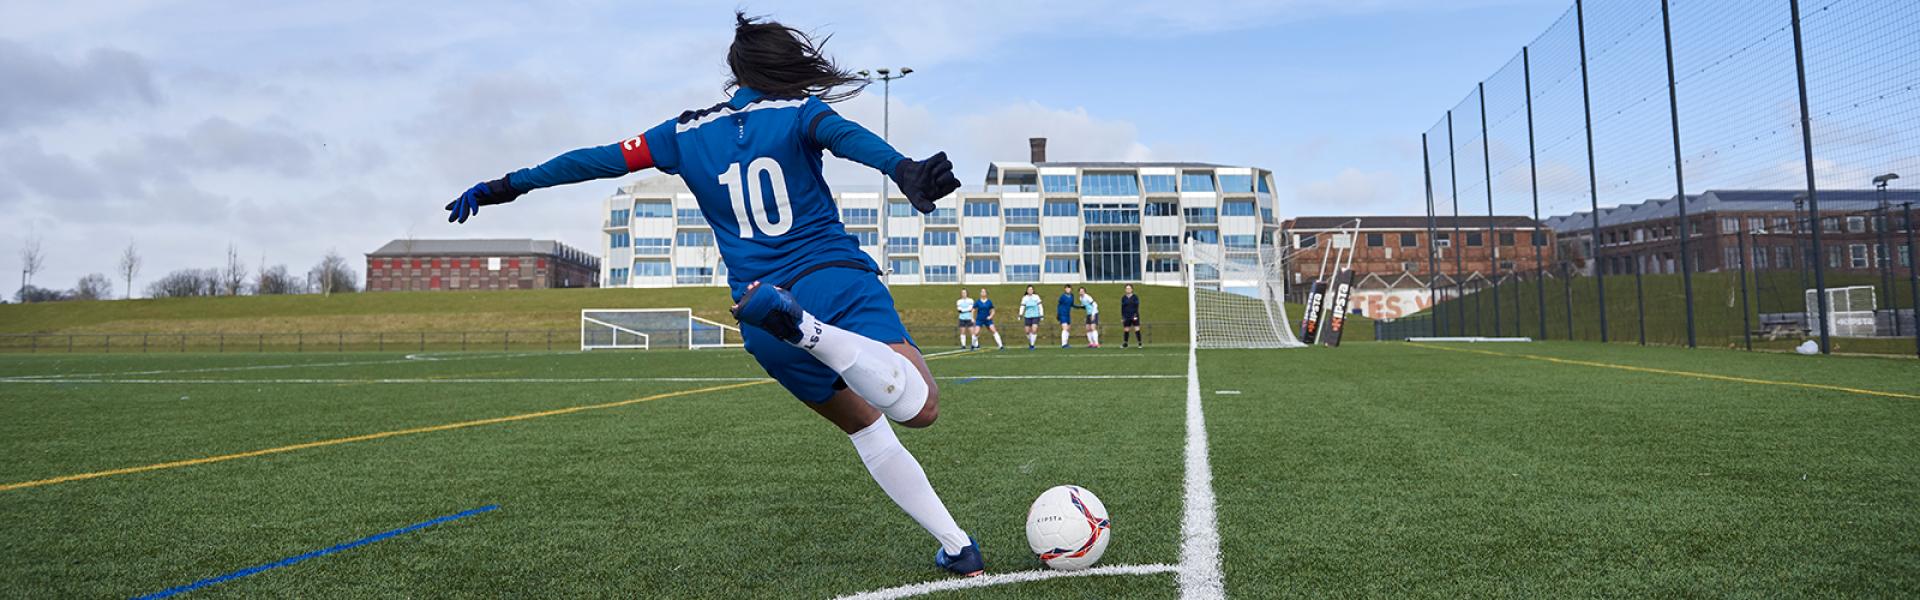 Découvrez notre gamme Football féminin